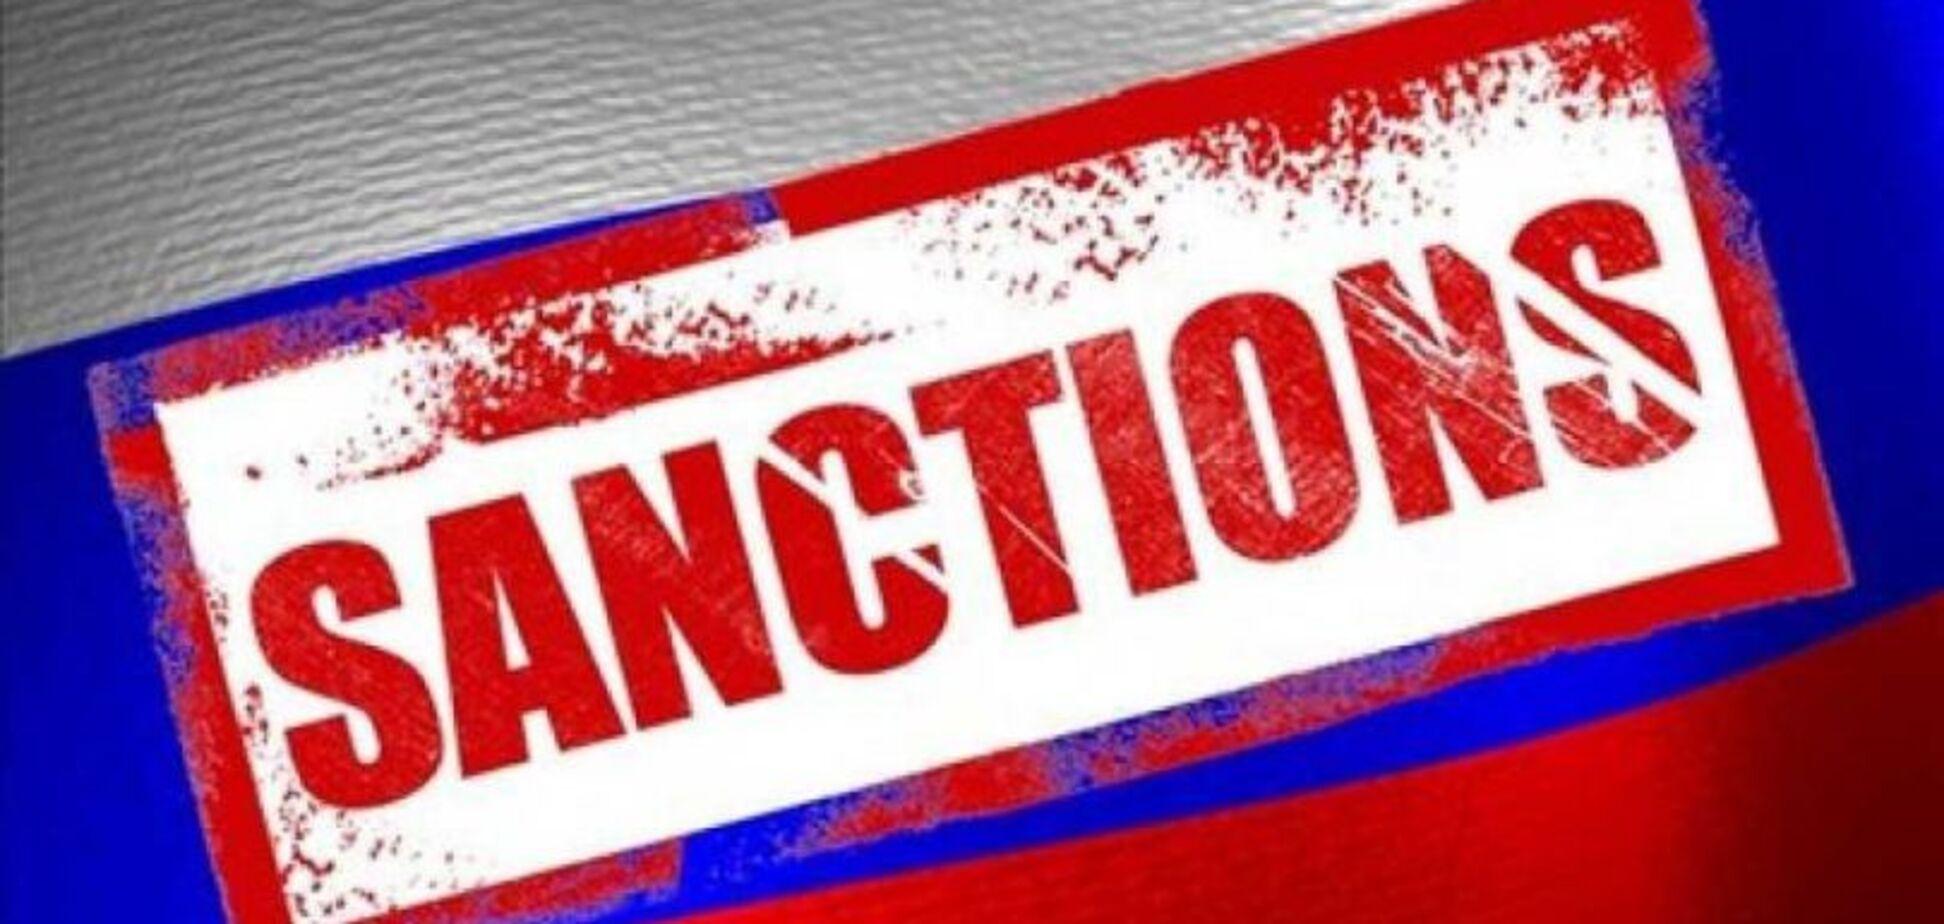 Відповідь за блокаду Азова: стало відомо, коли Україна прийме санкції проти РФ